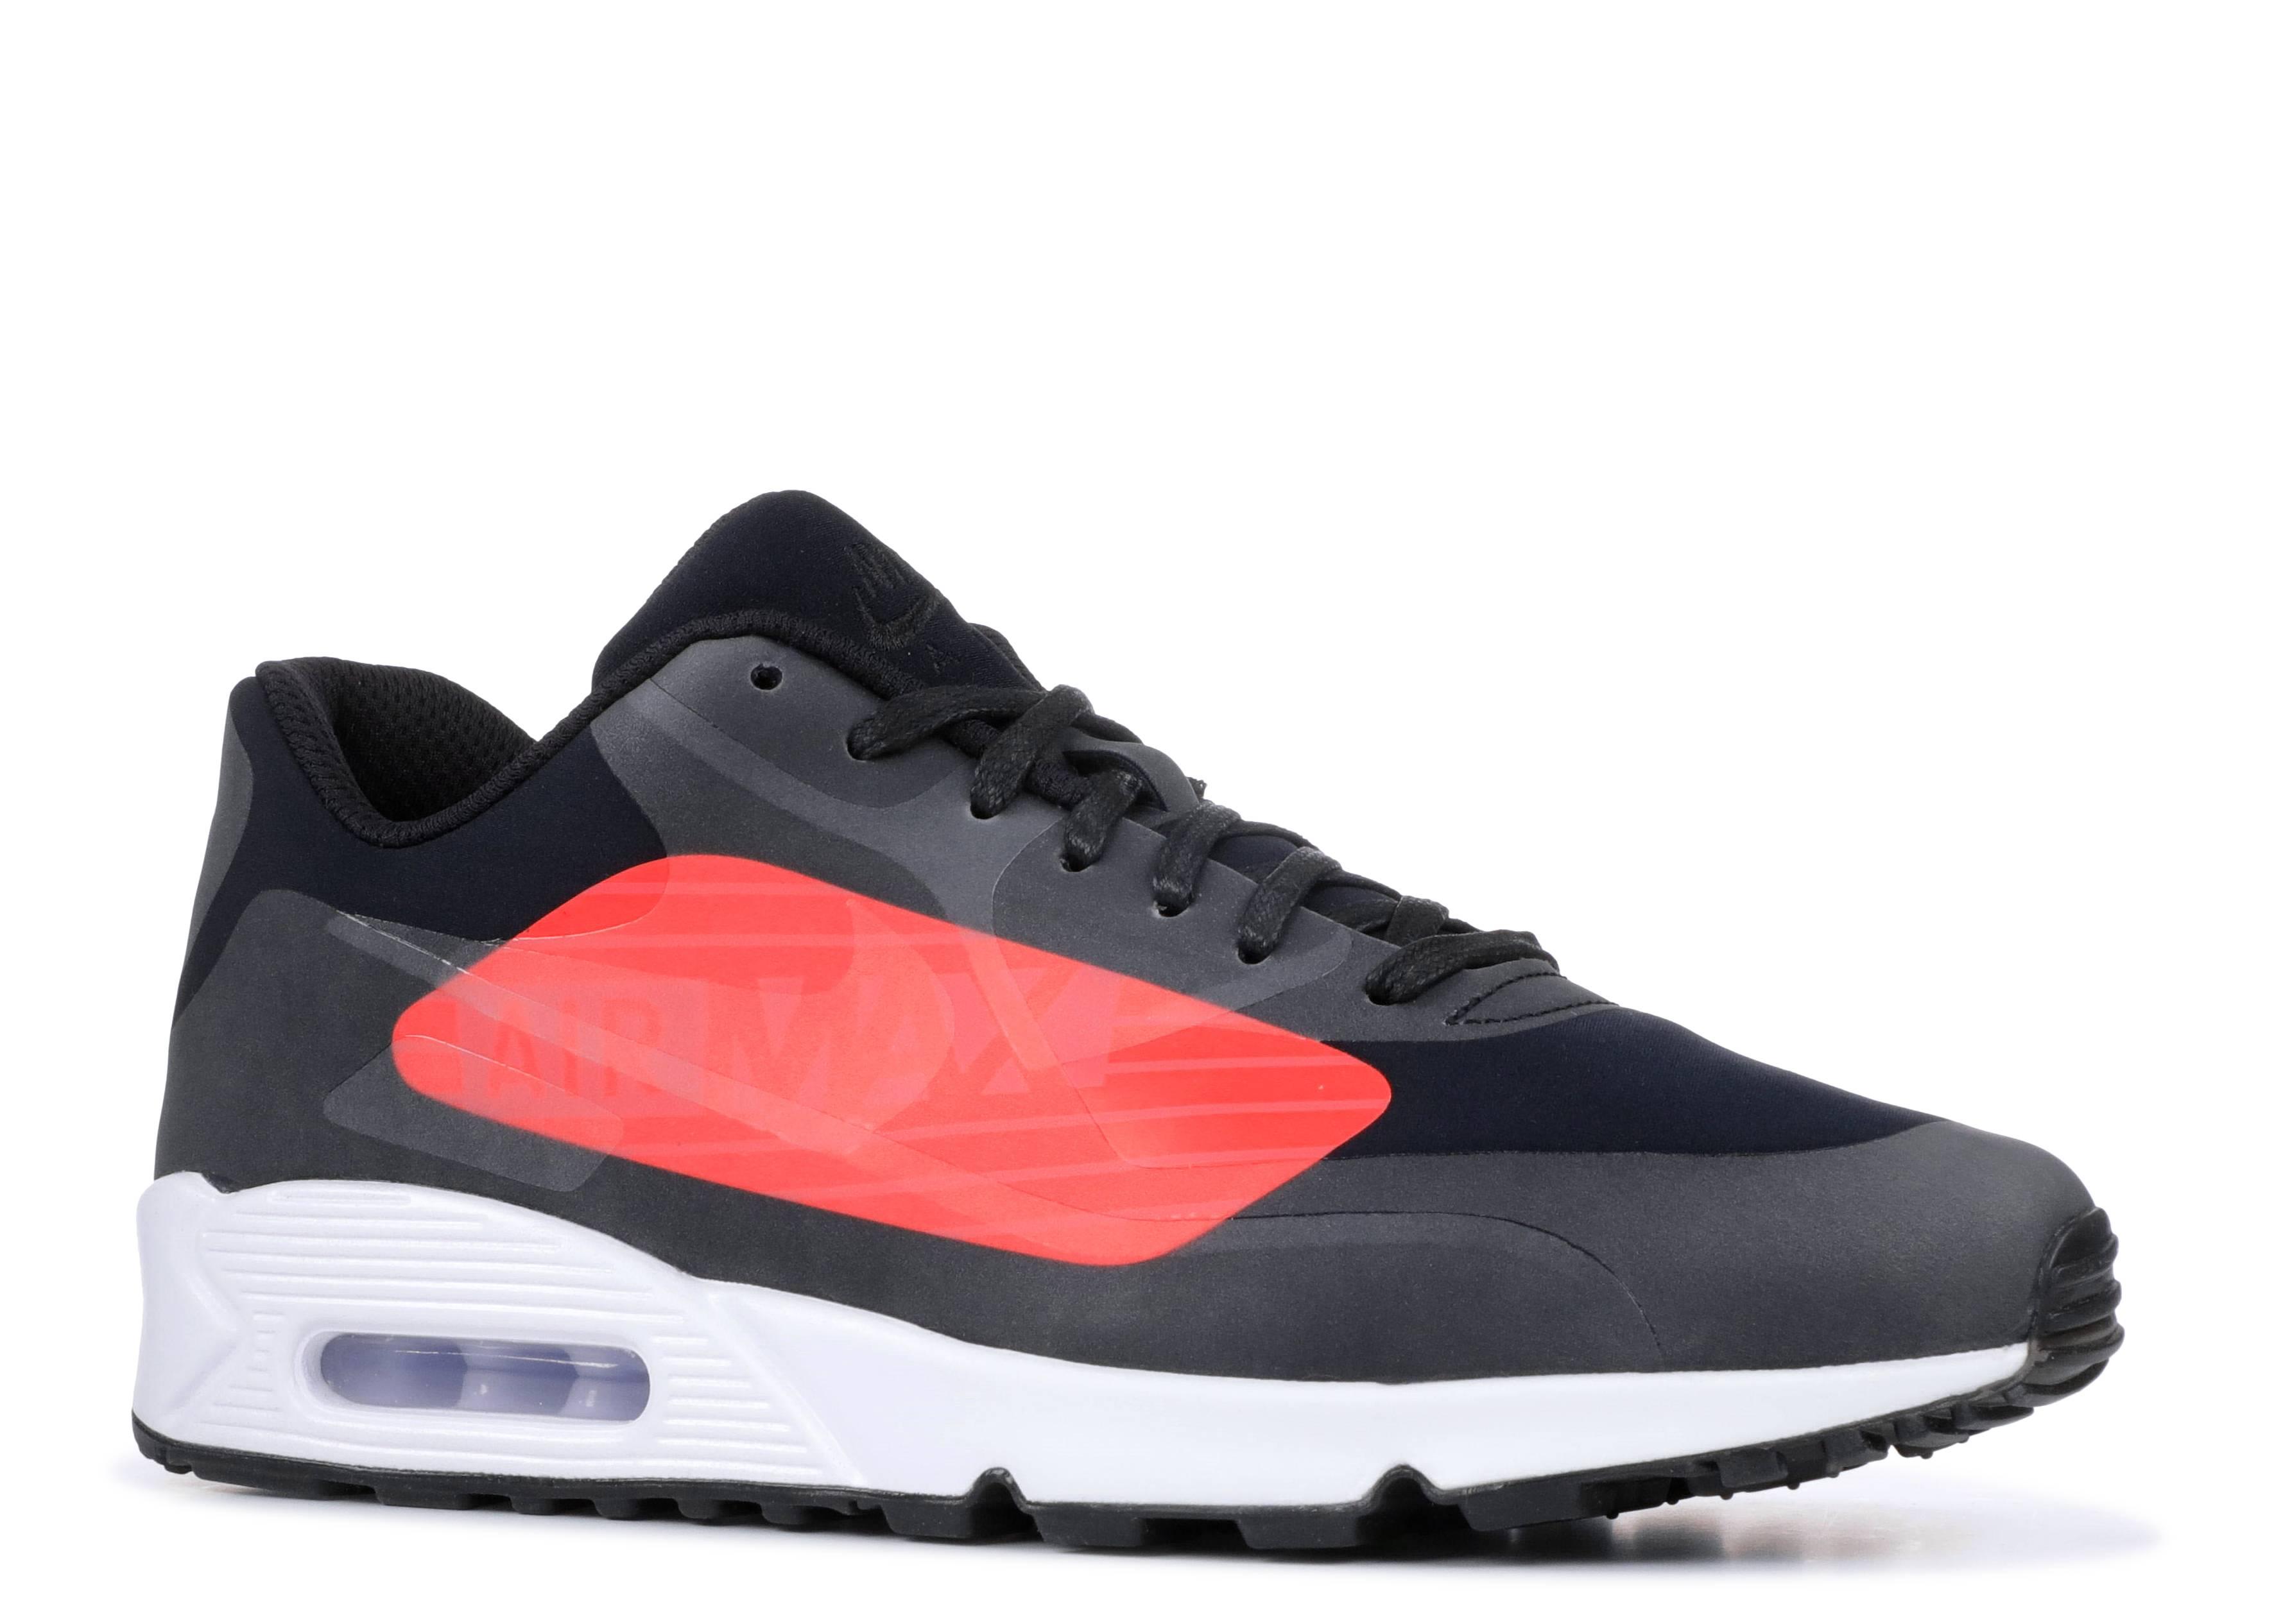 4d67bab55d49 Nike Air Max 90 Ns Gpx